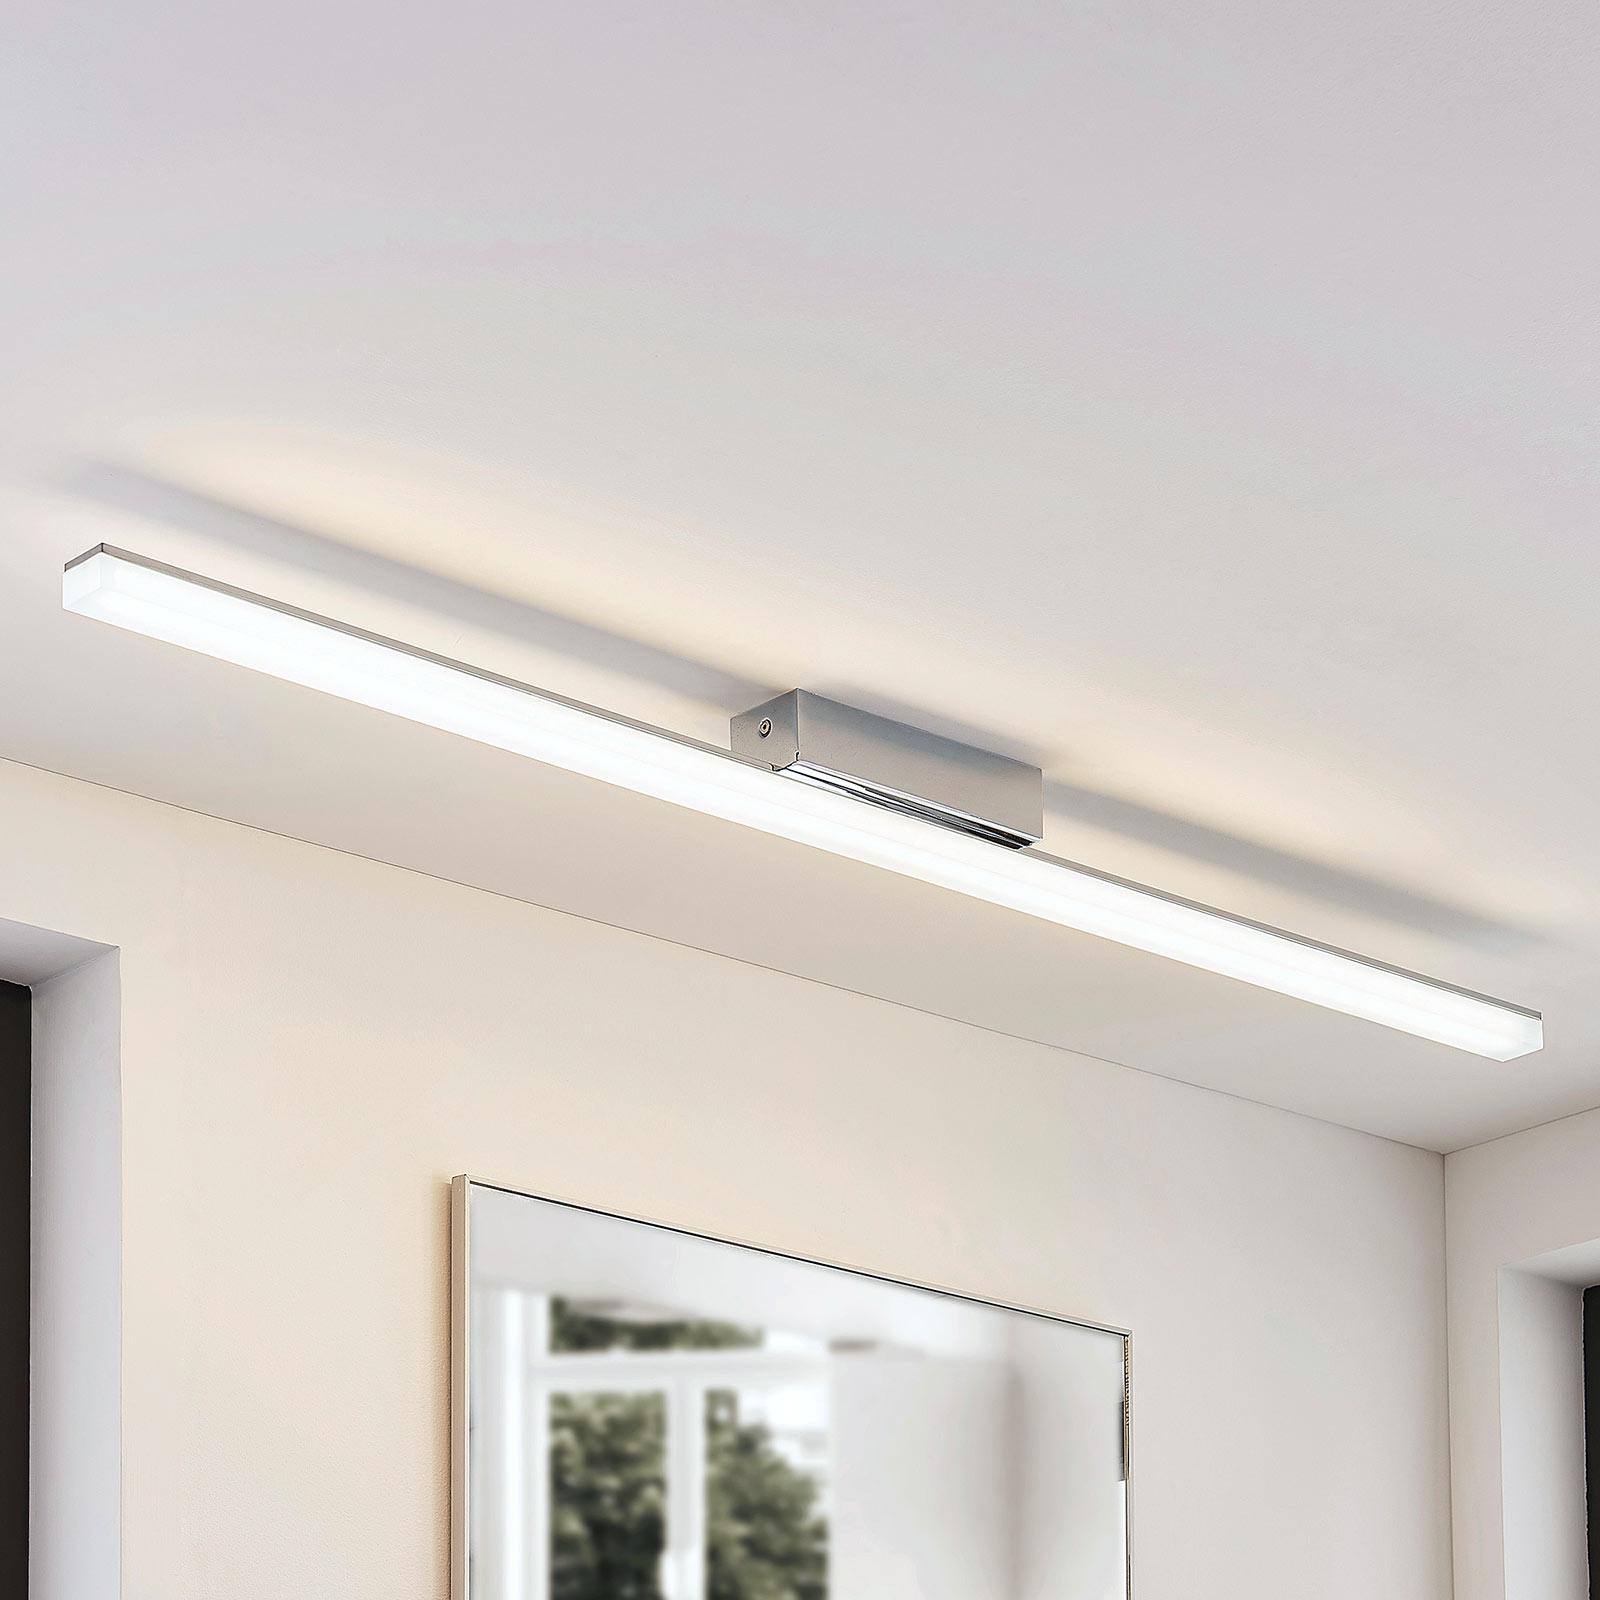 Längliche LED-Deckenlampe Levke, IP44